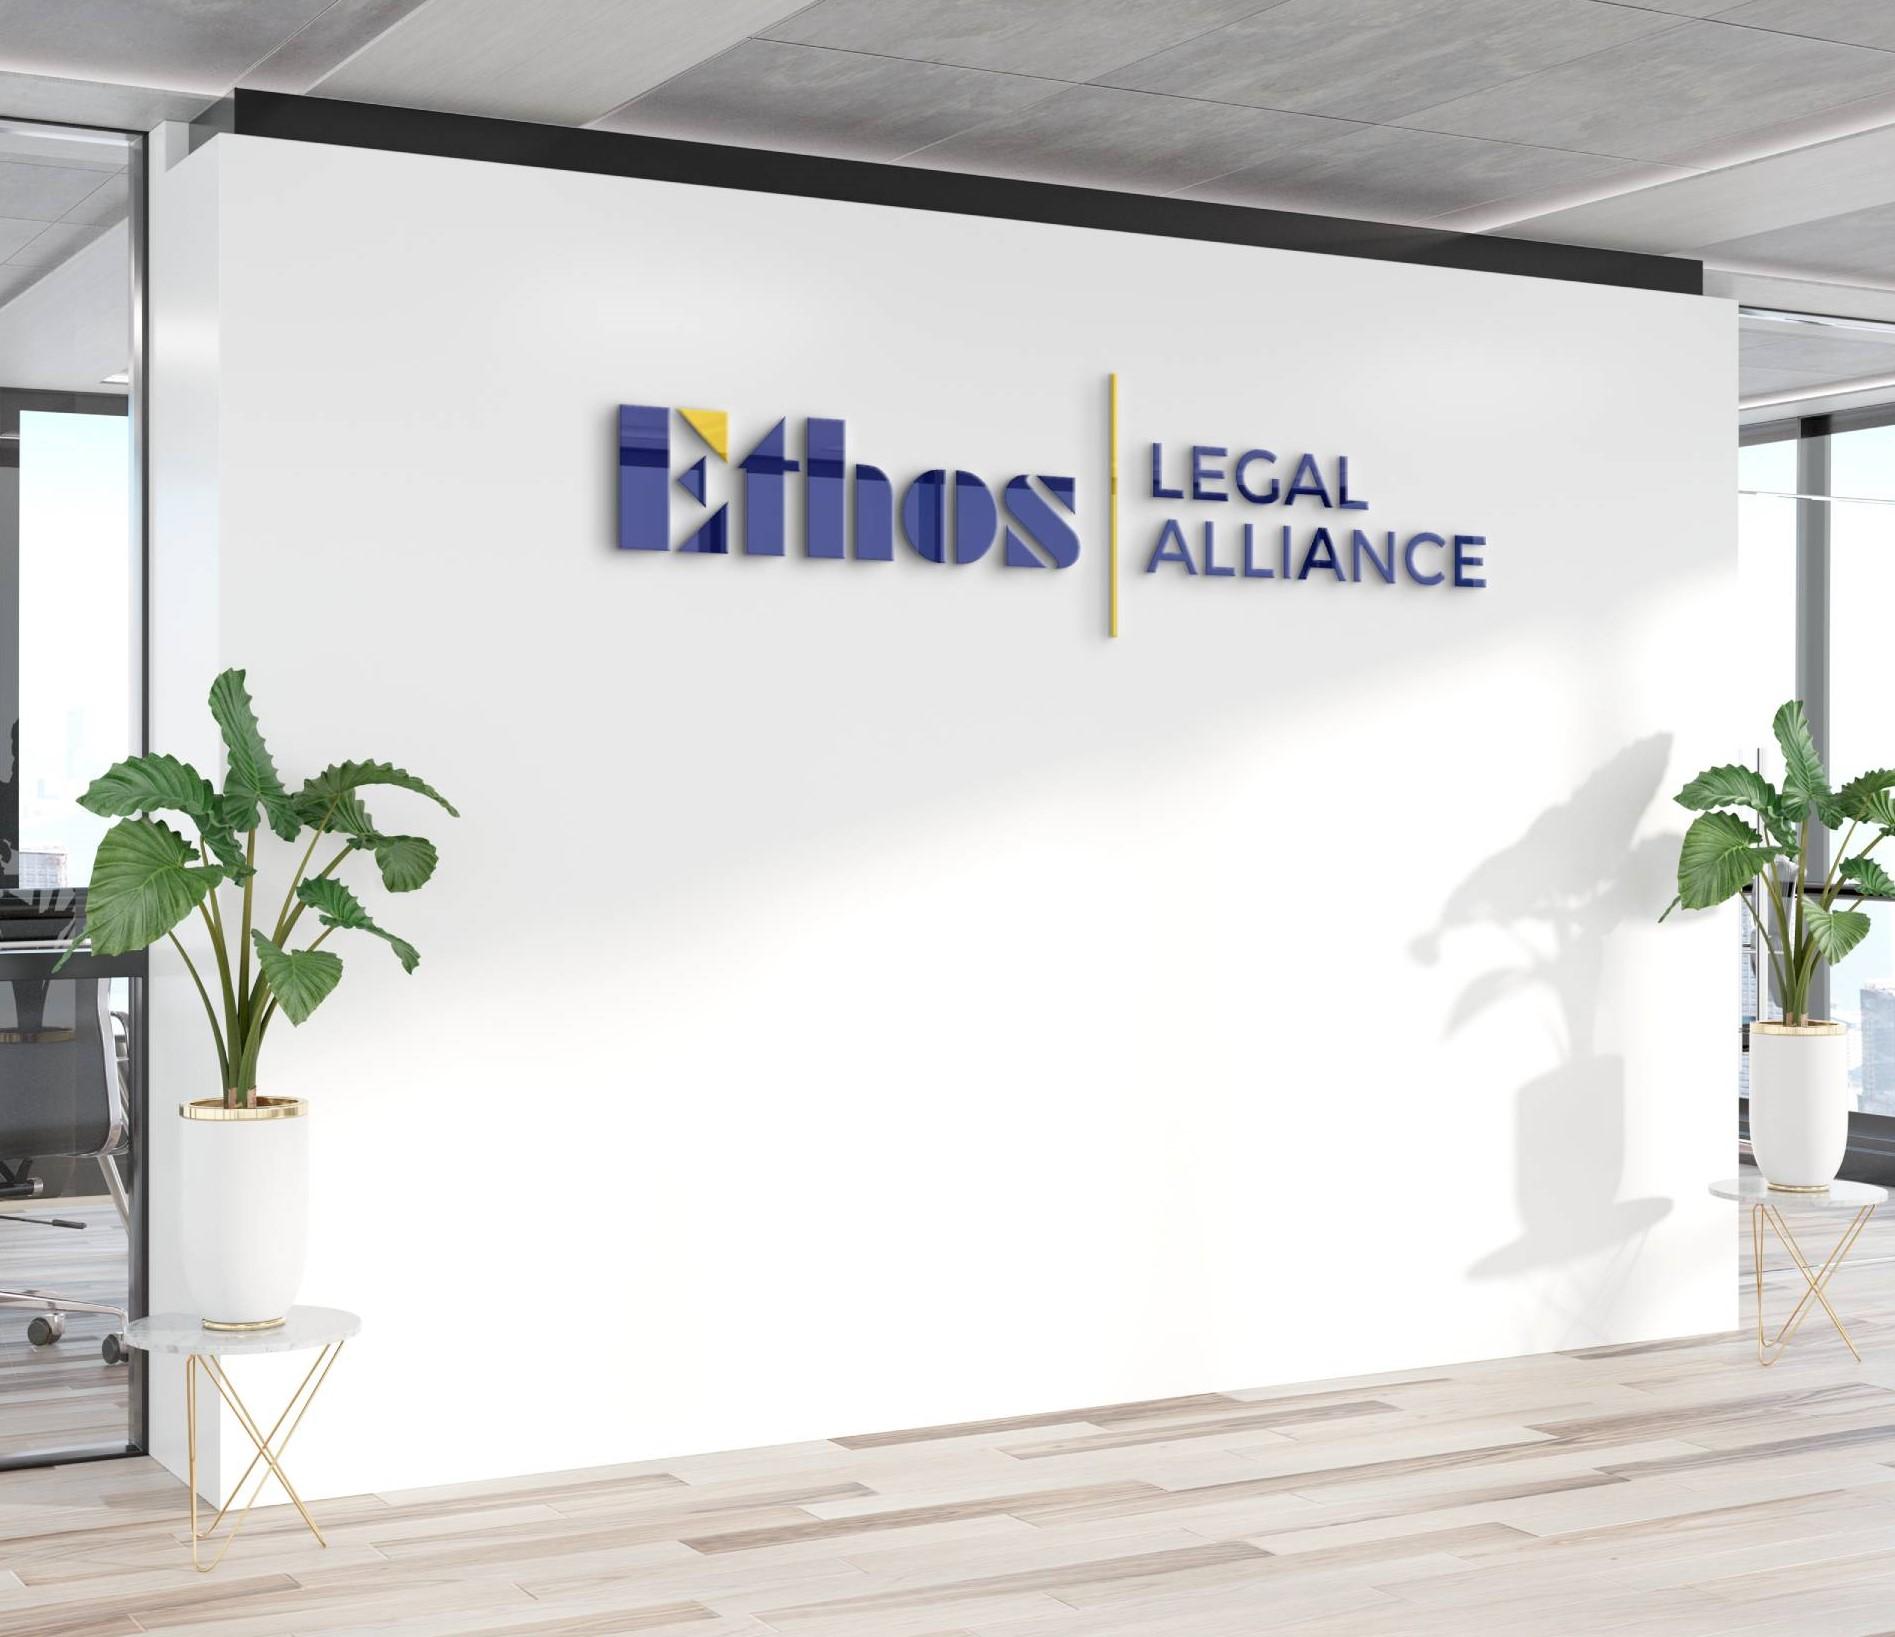 Ethos Legal Alliance - Signage